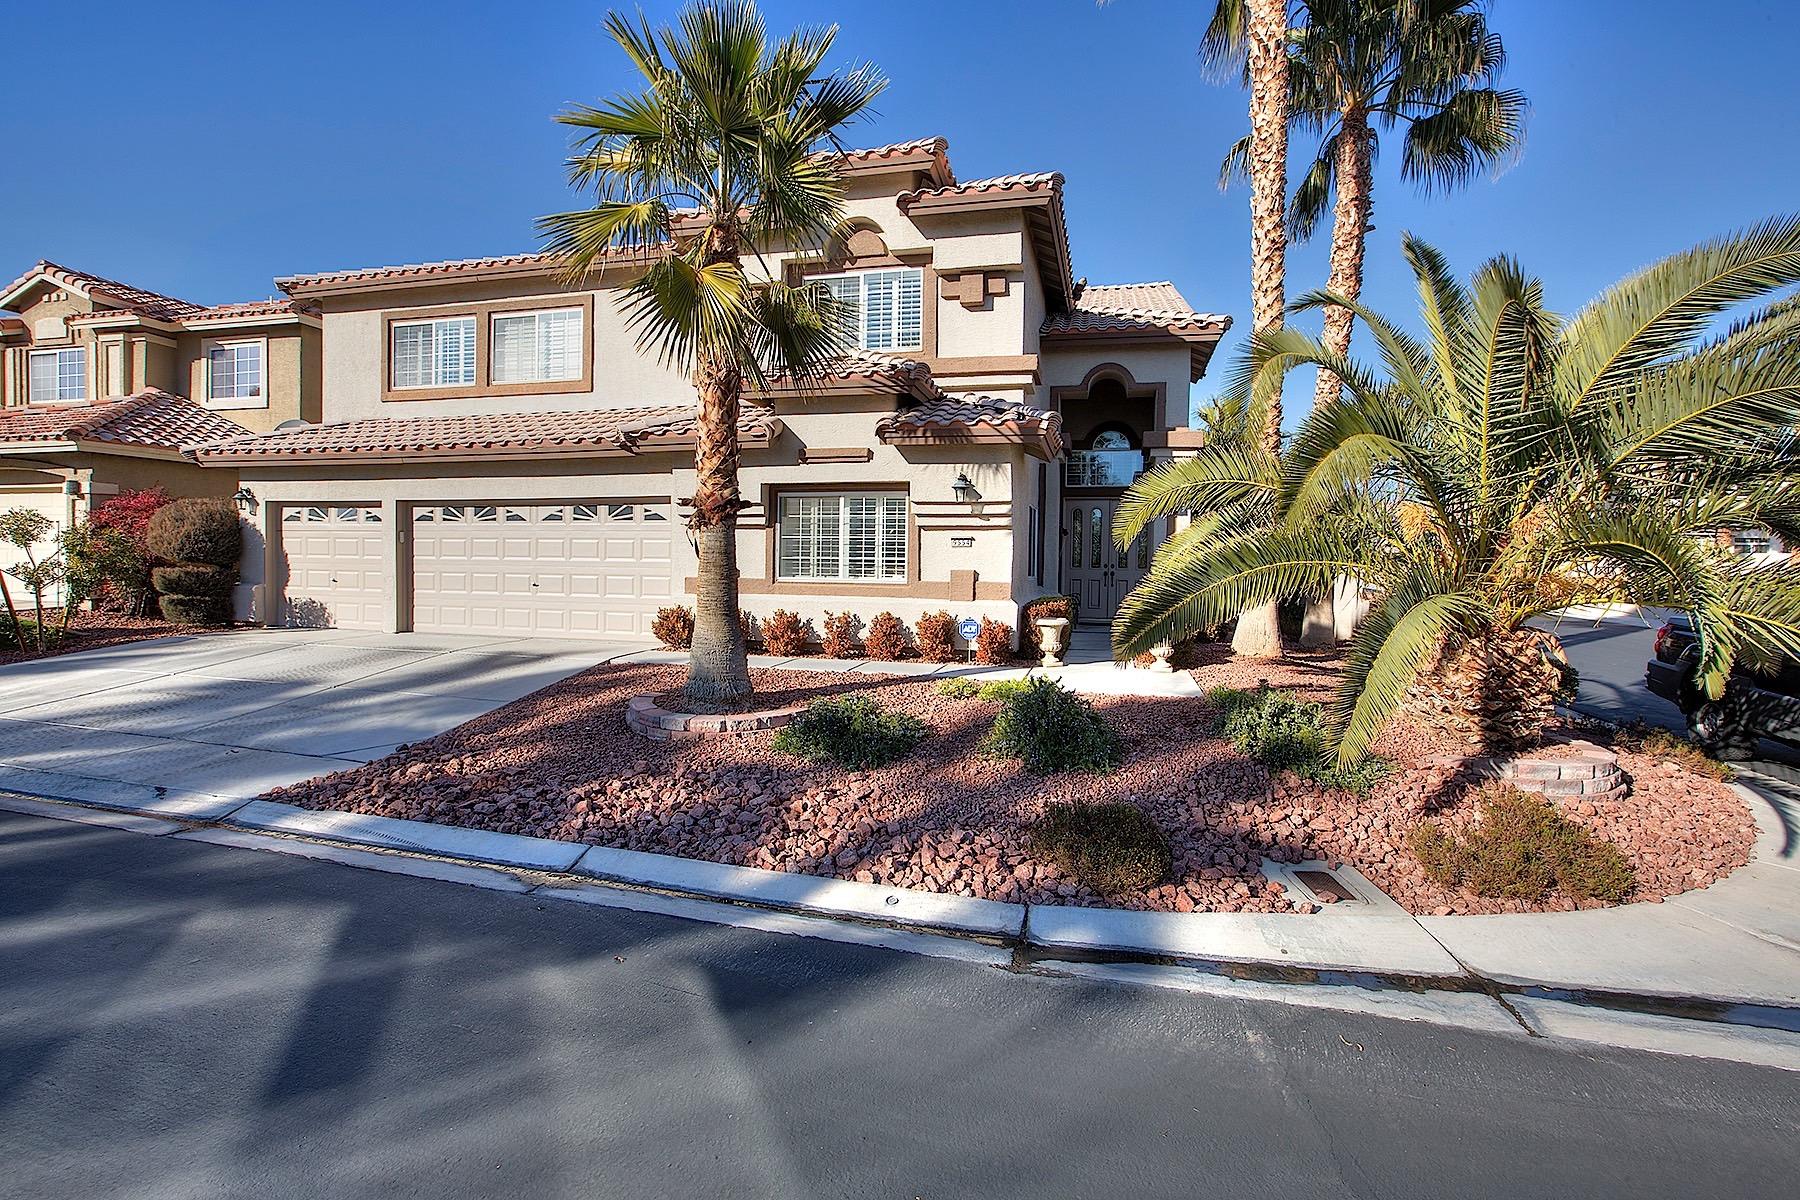 Maison unifamiliale pour l Vente à 9554 Marina Valley Ave Las Vegas, Nevada 89147 États-Unis